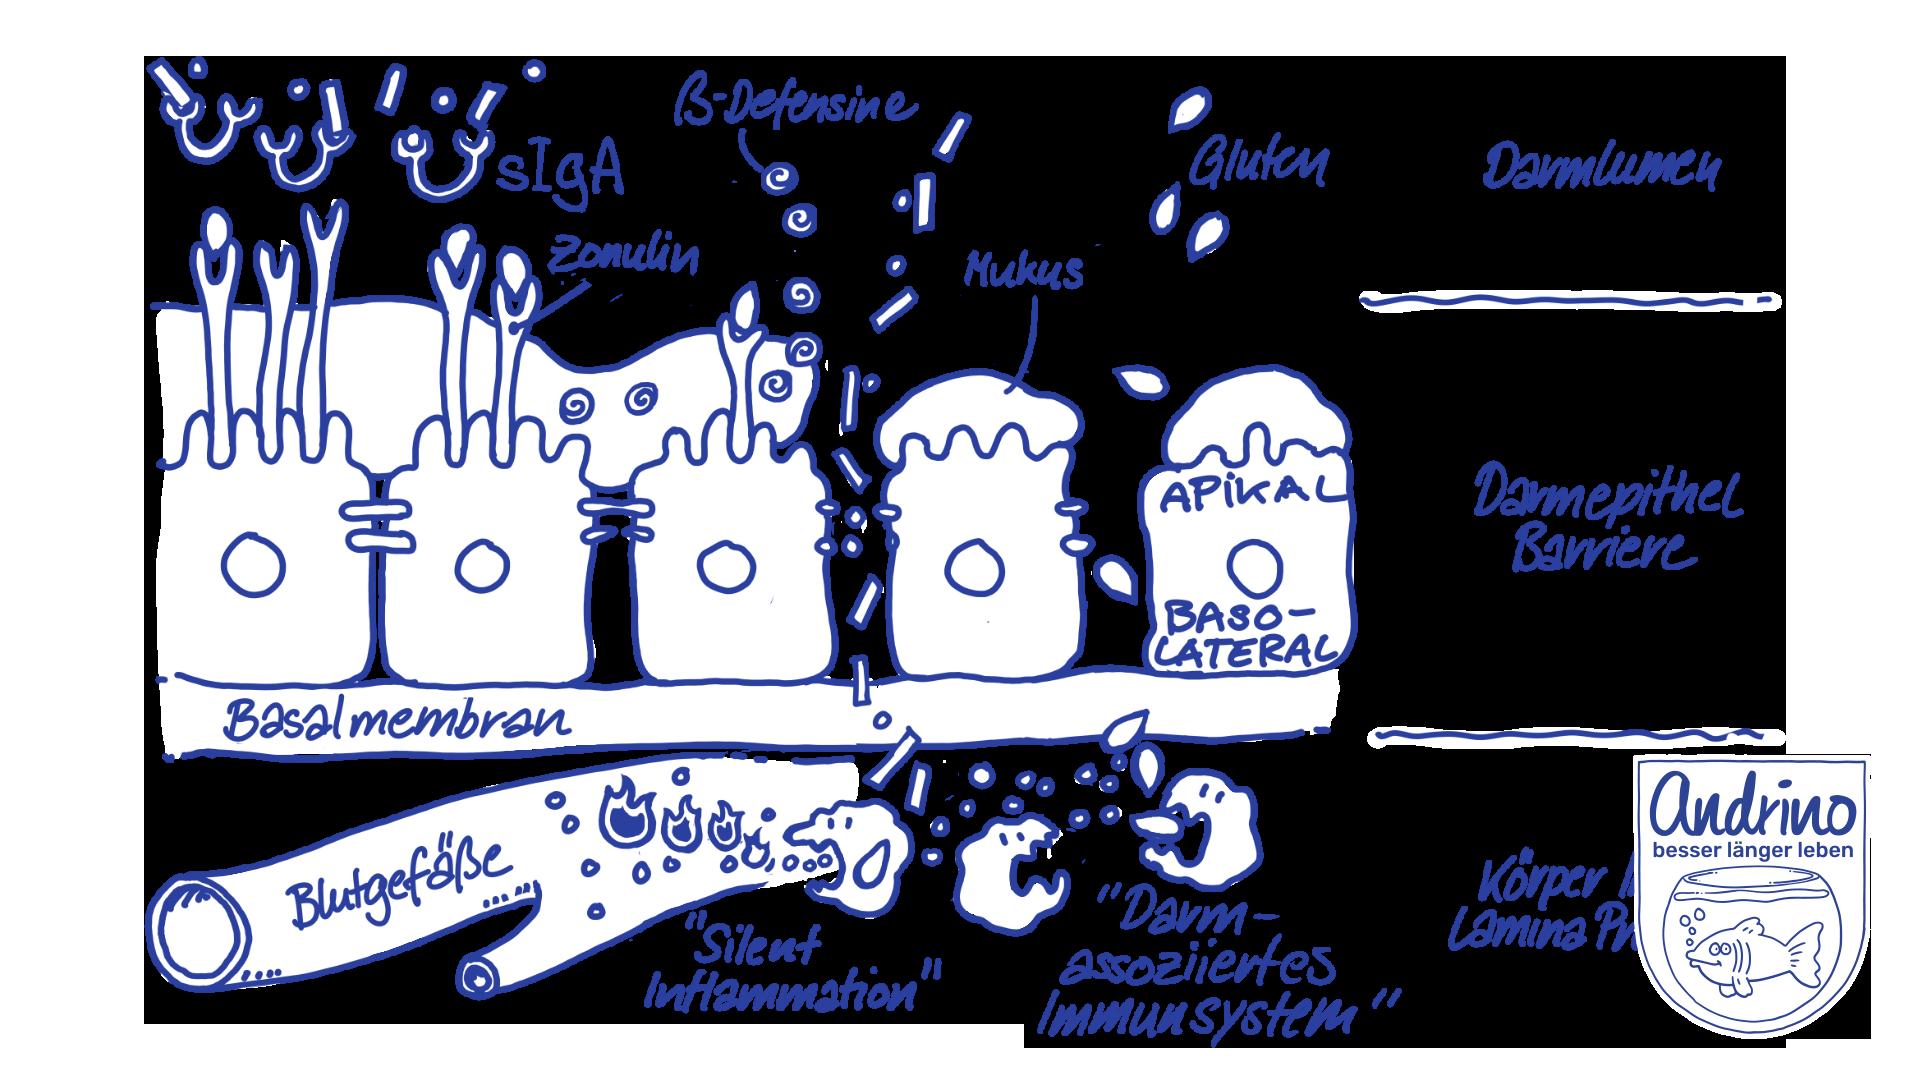 Aufbau der Darmschleimhaut und die Wirkung von stillen Entzündungen und des Darm-assoziierten Immunsystems